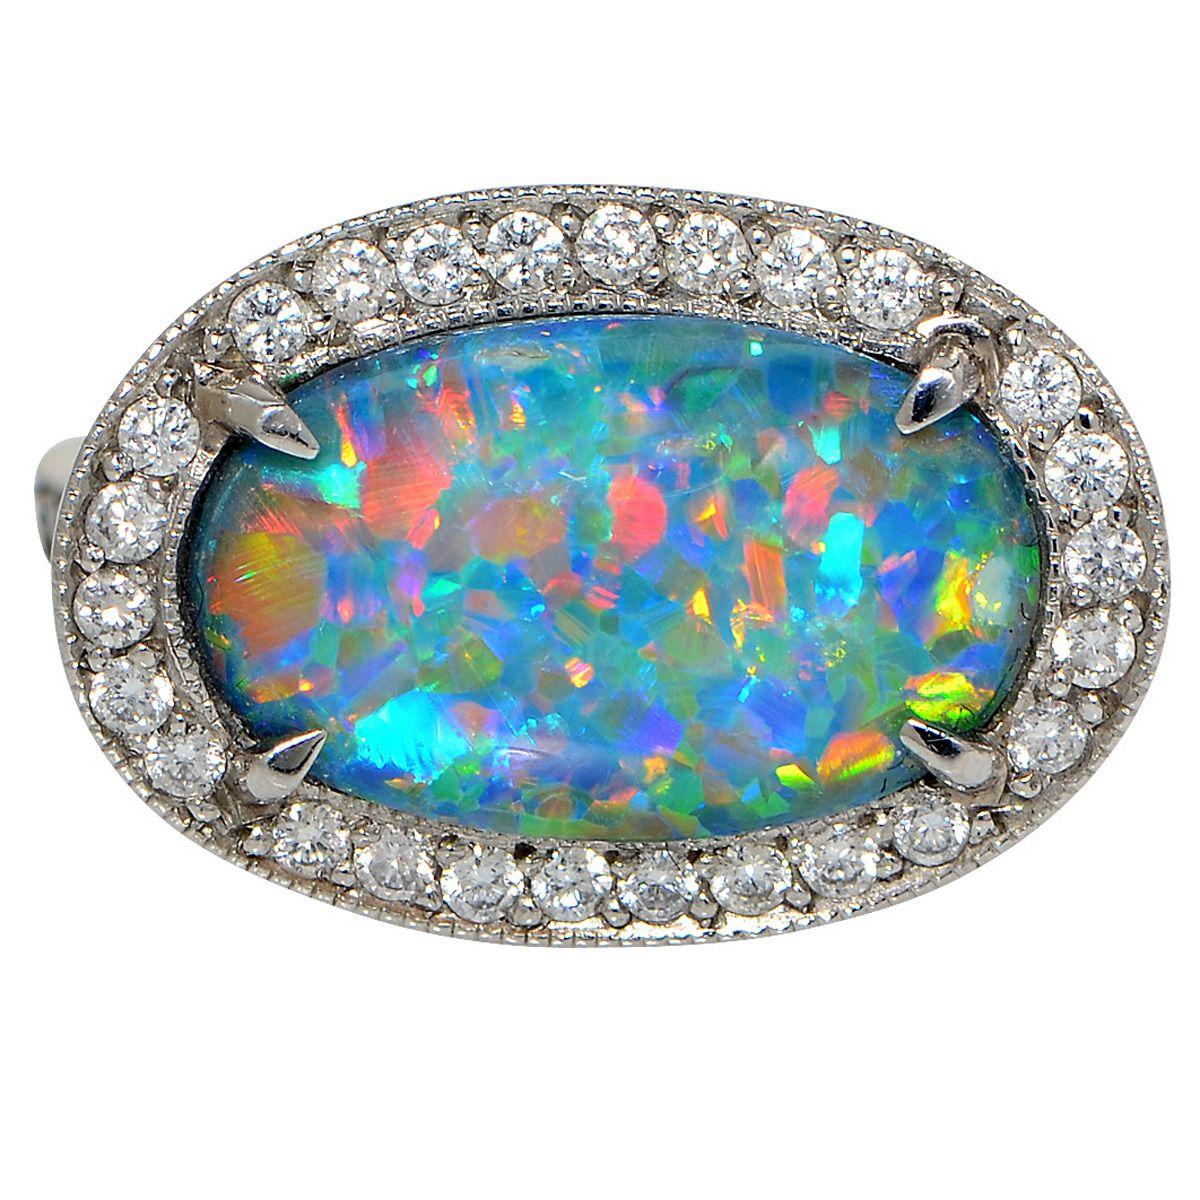 2.77 Carat Opal Diamond Platinum Ring in 2020 Platinum